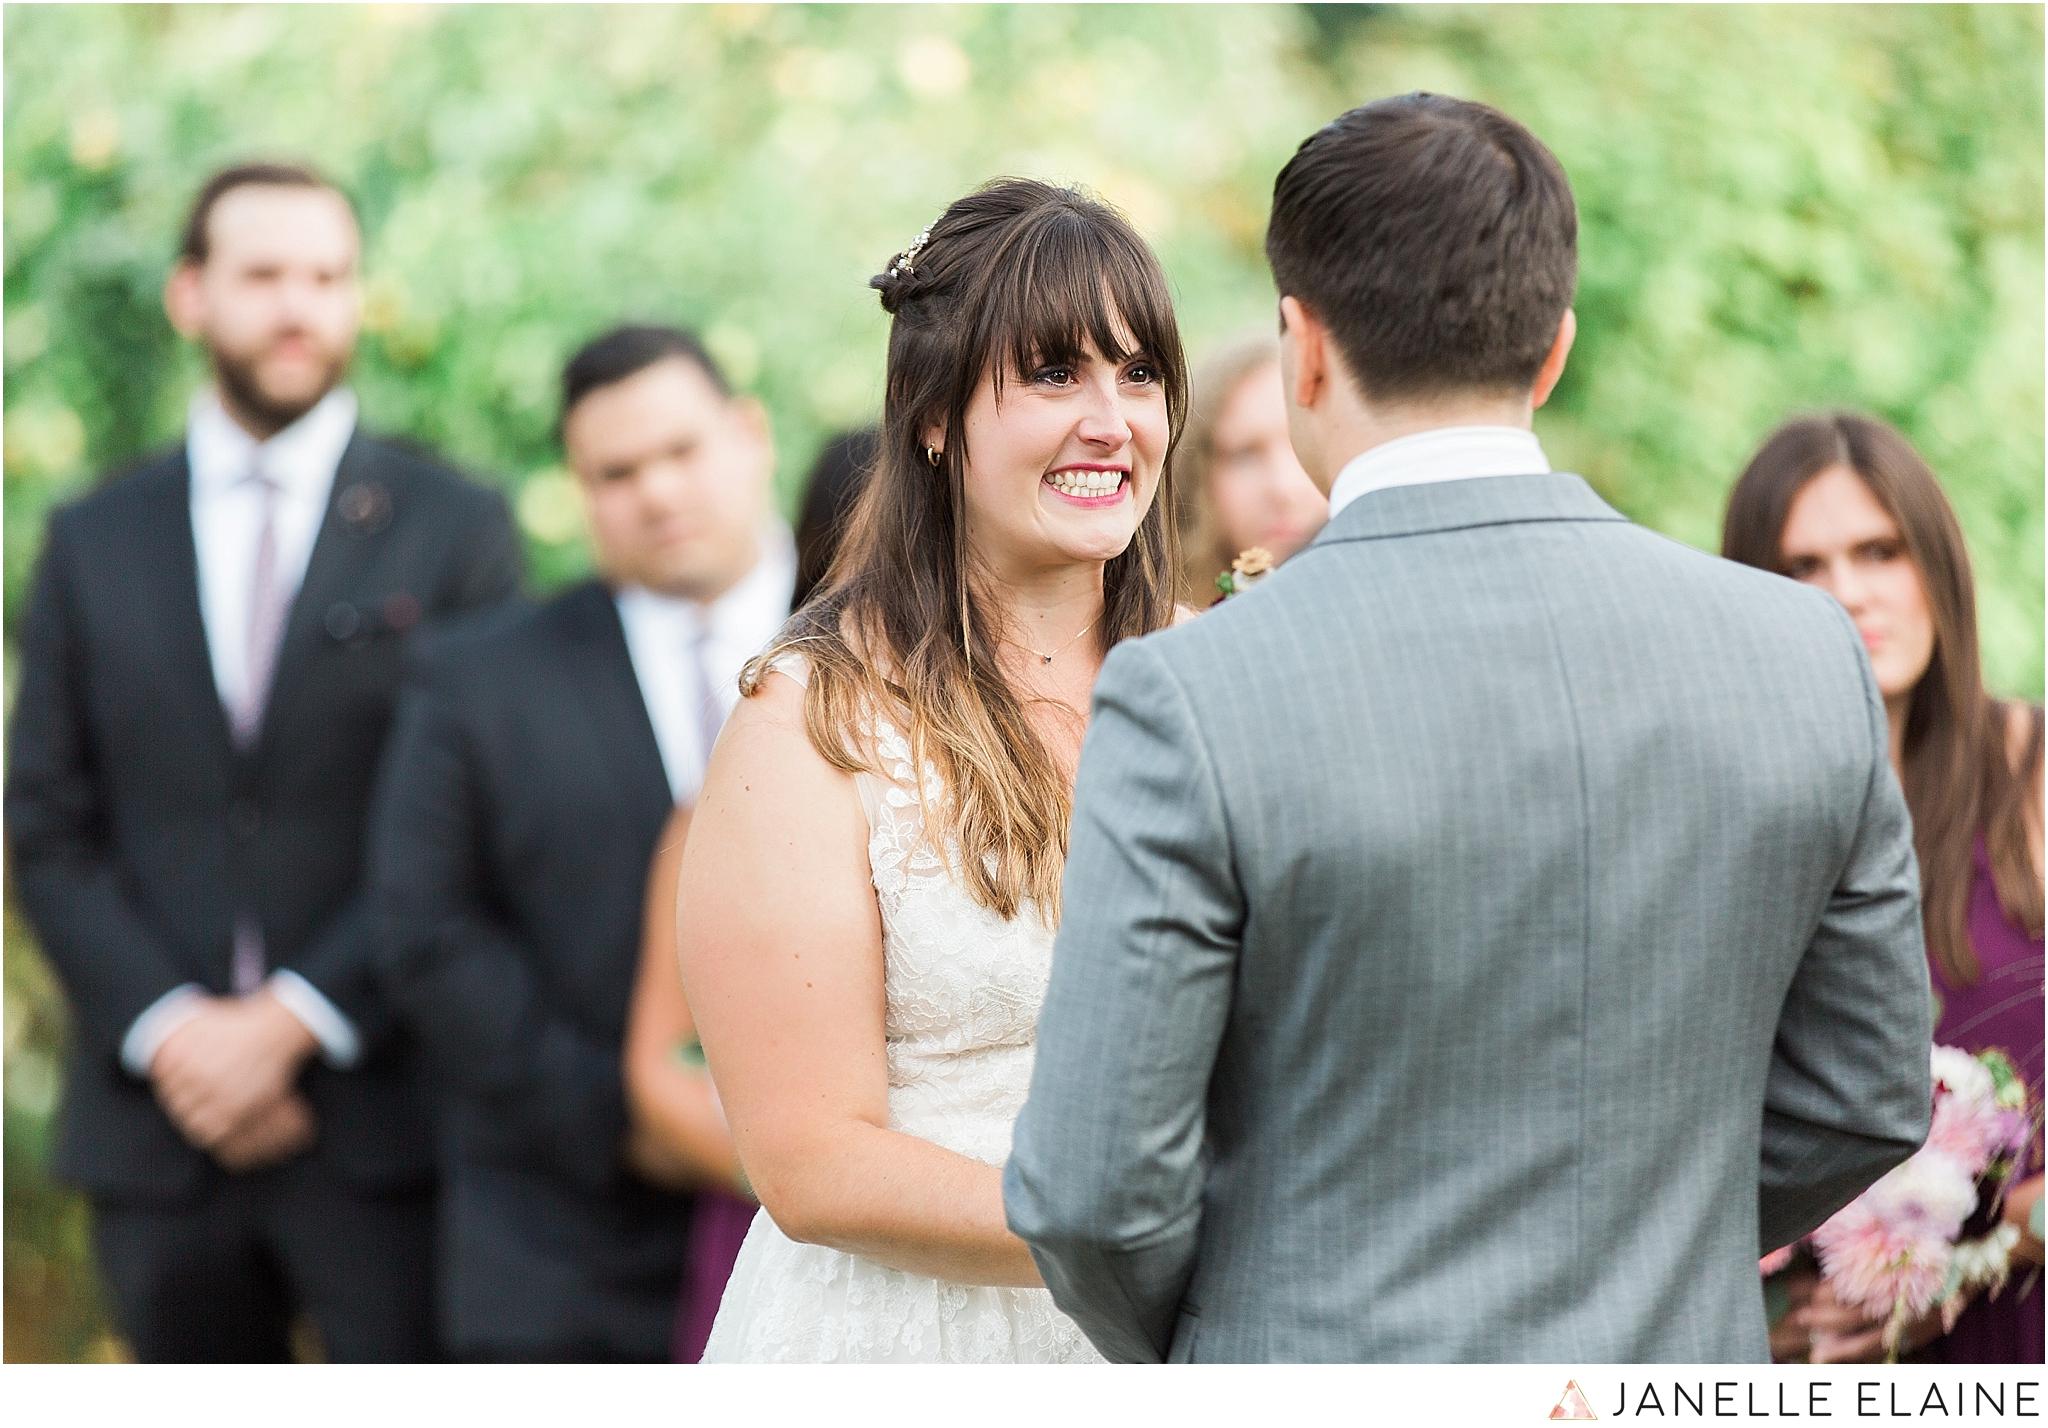 seattle-portrait-engagement-wedding-photographer-janelle-elaine-photography-59.jpg